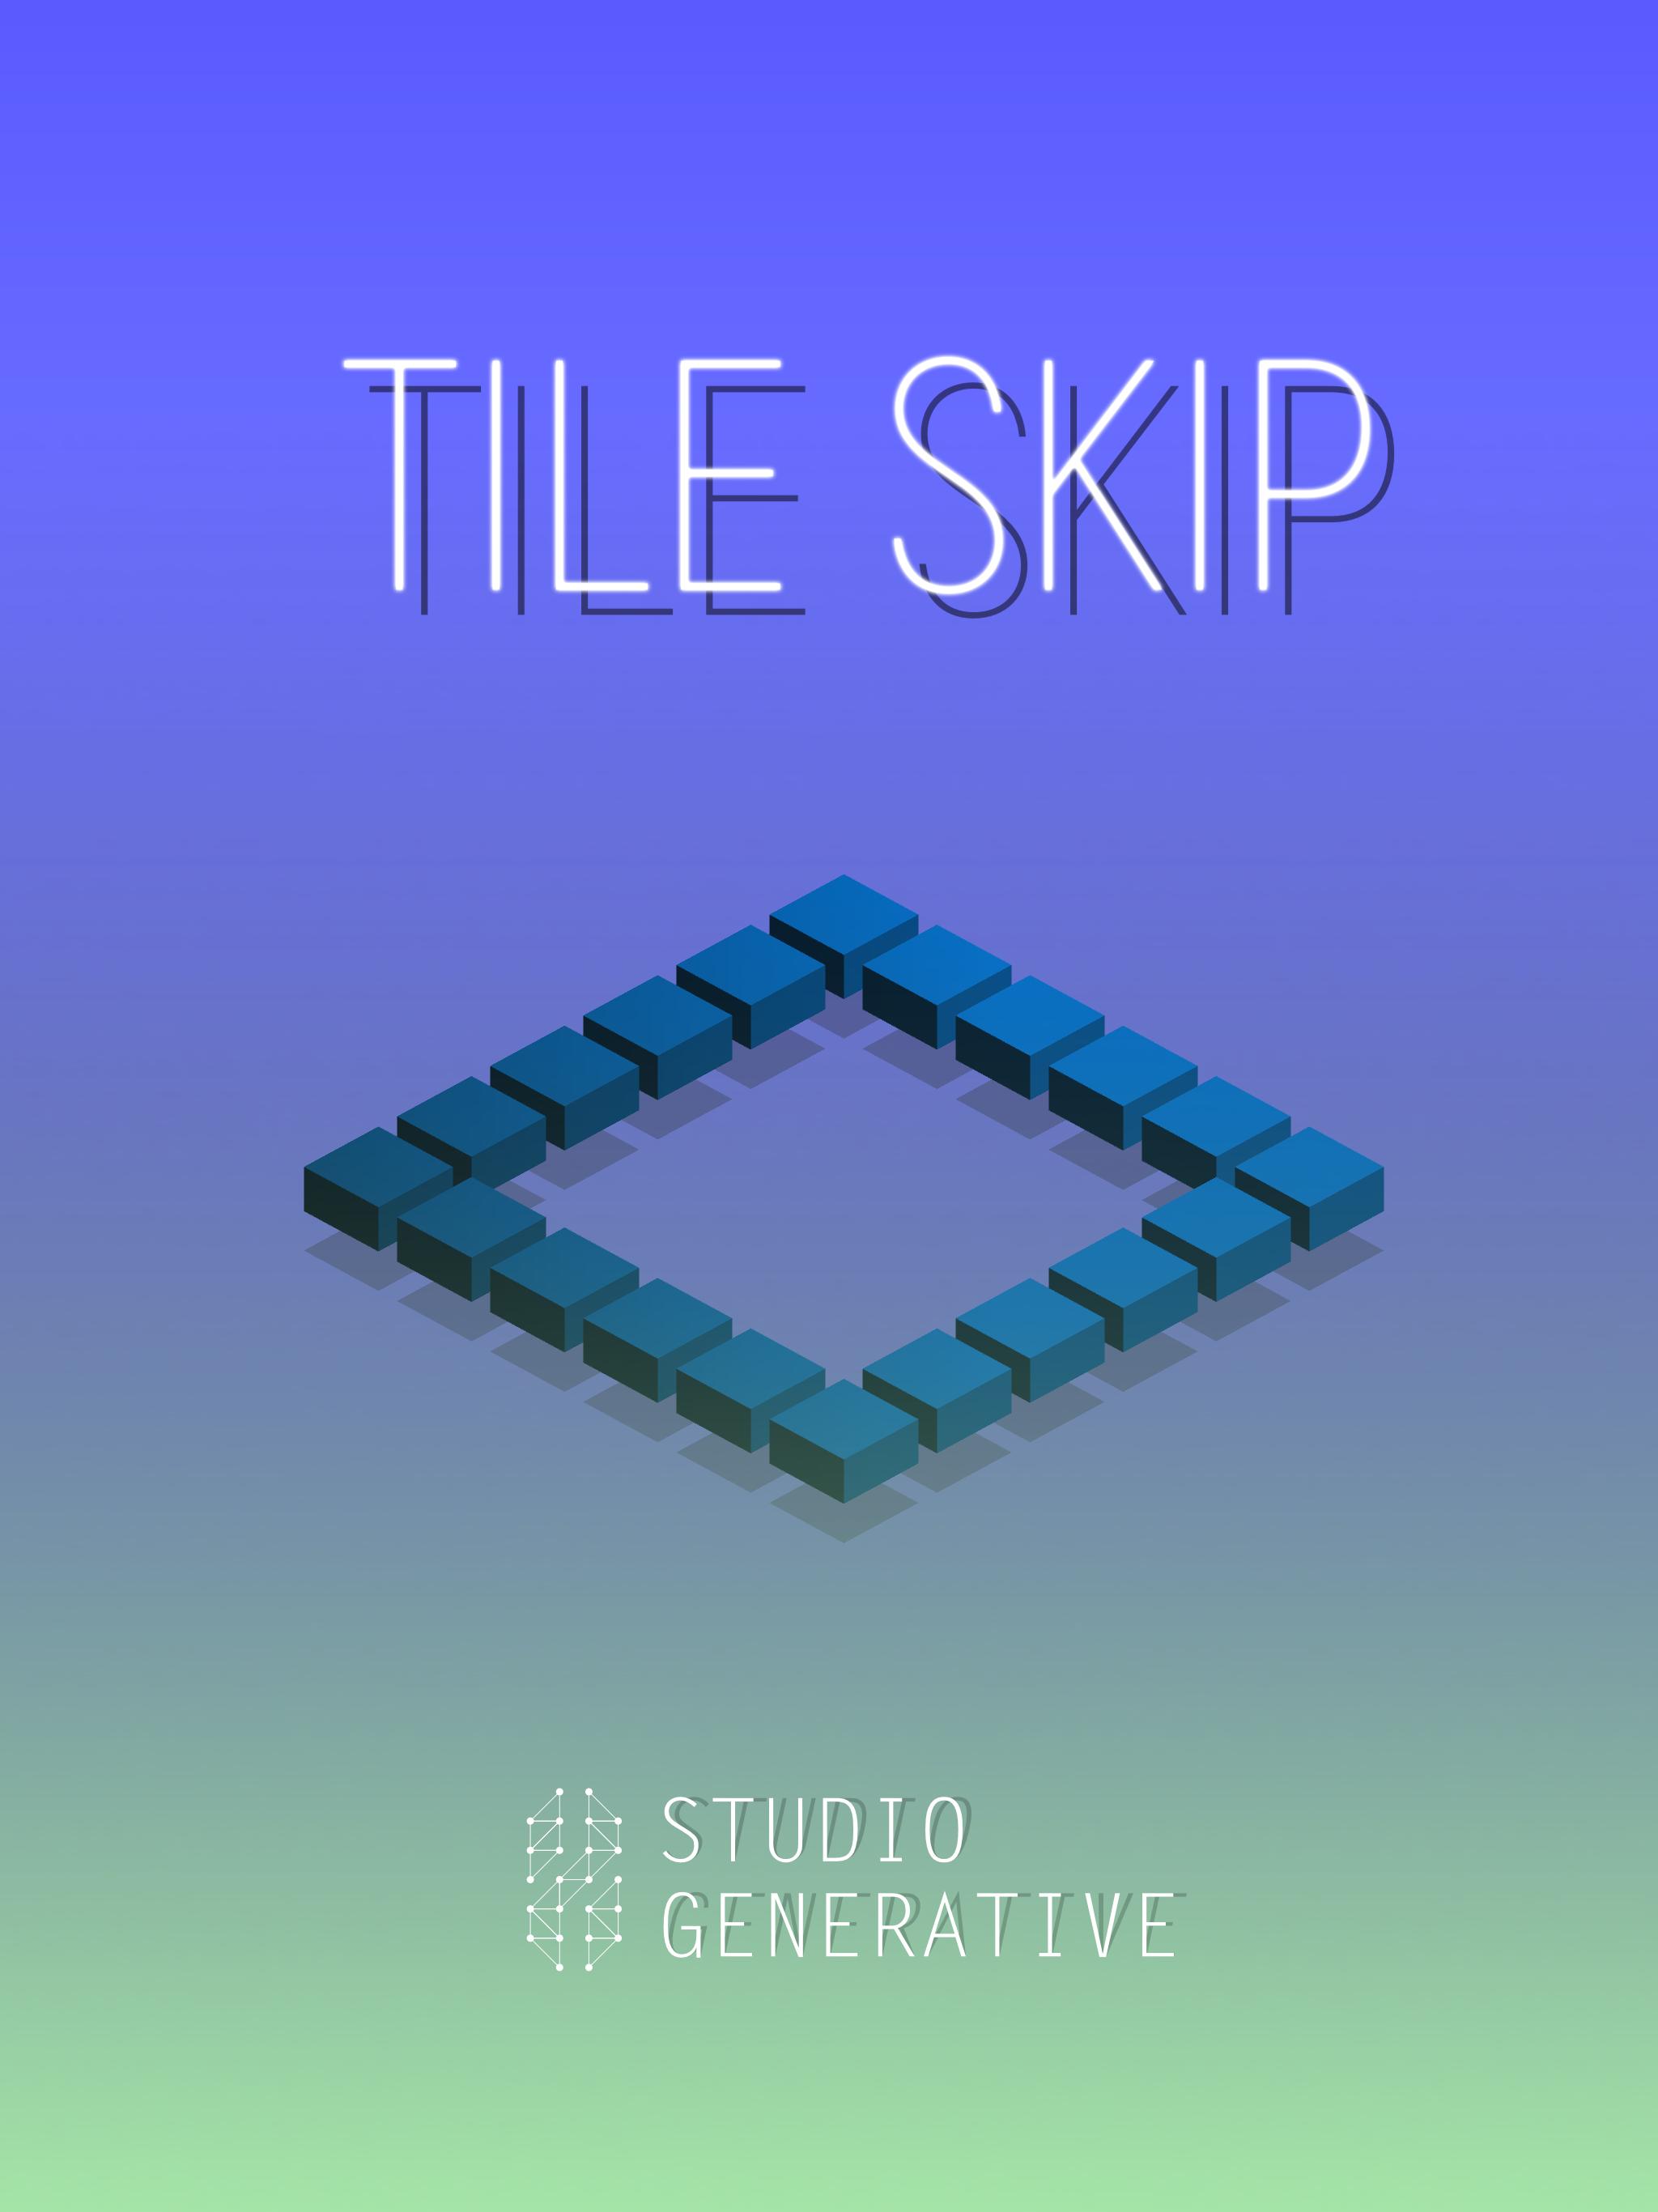 Tile Skip